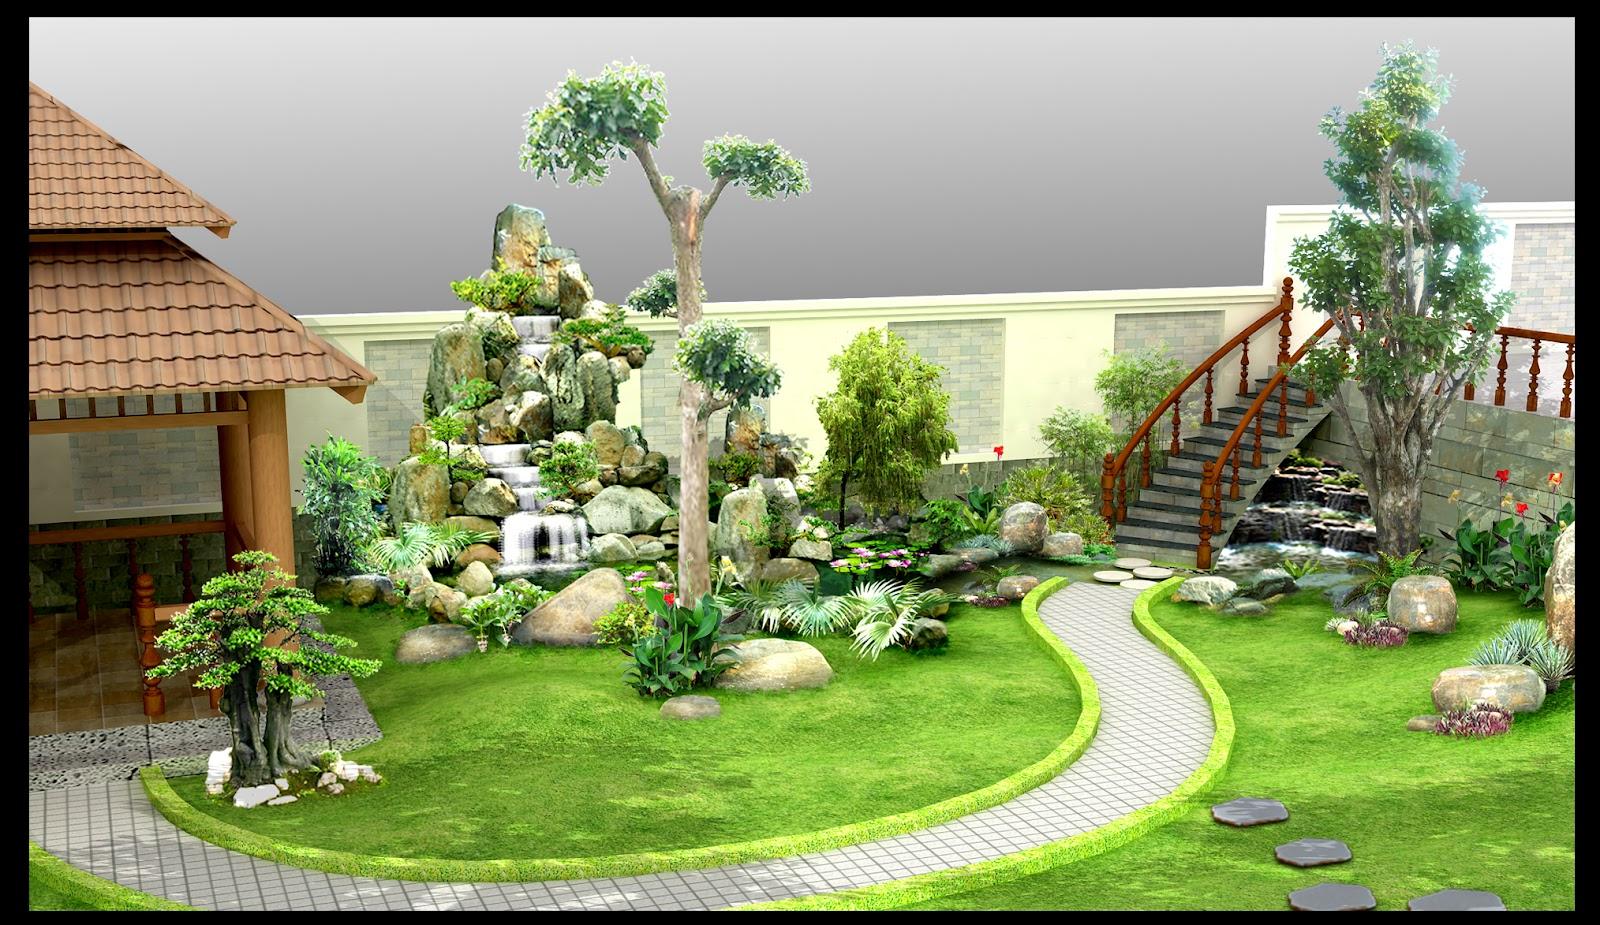 Gợi ý tiểu cảnh sân vườn cực chất đẹp